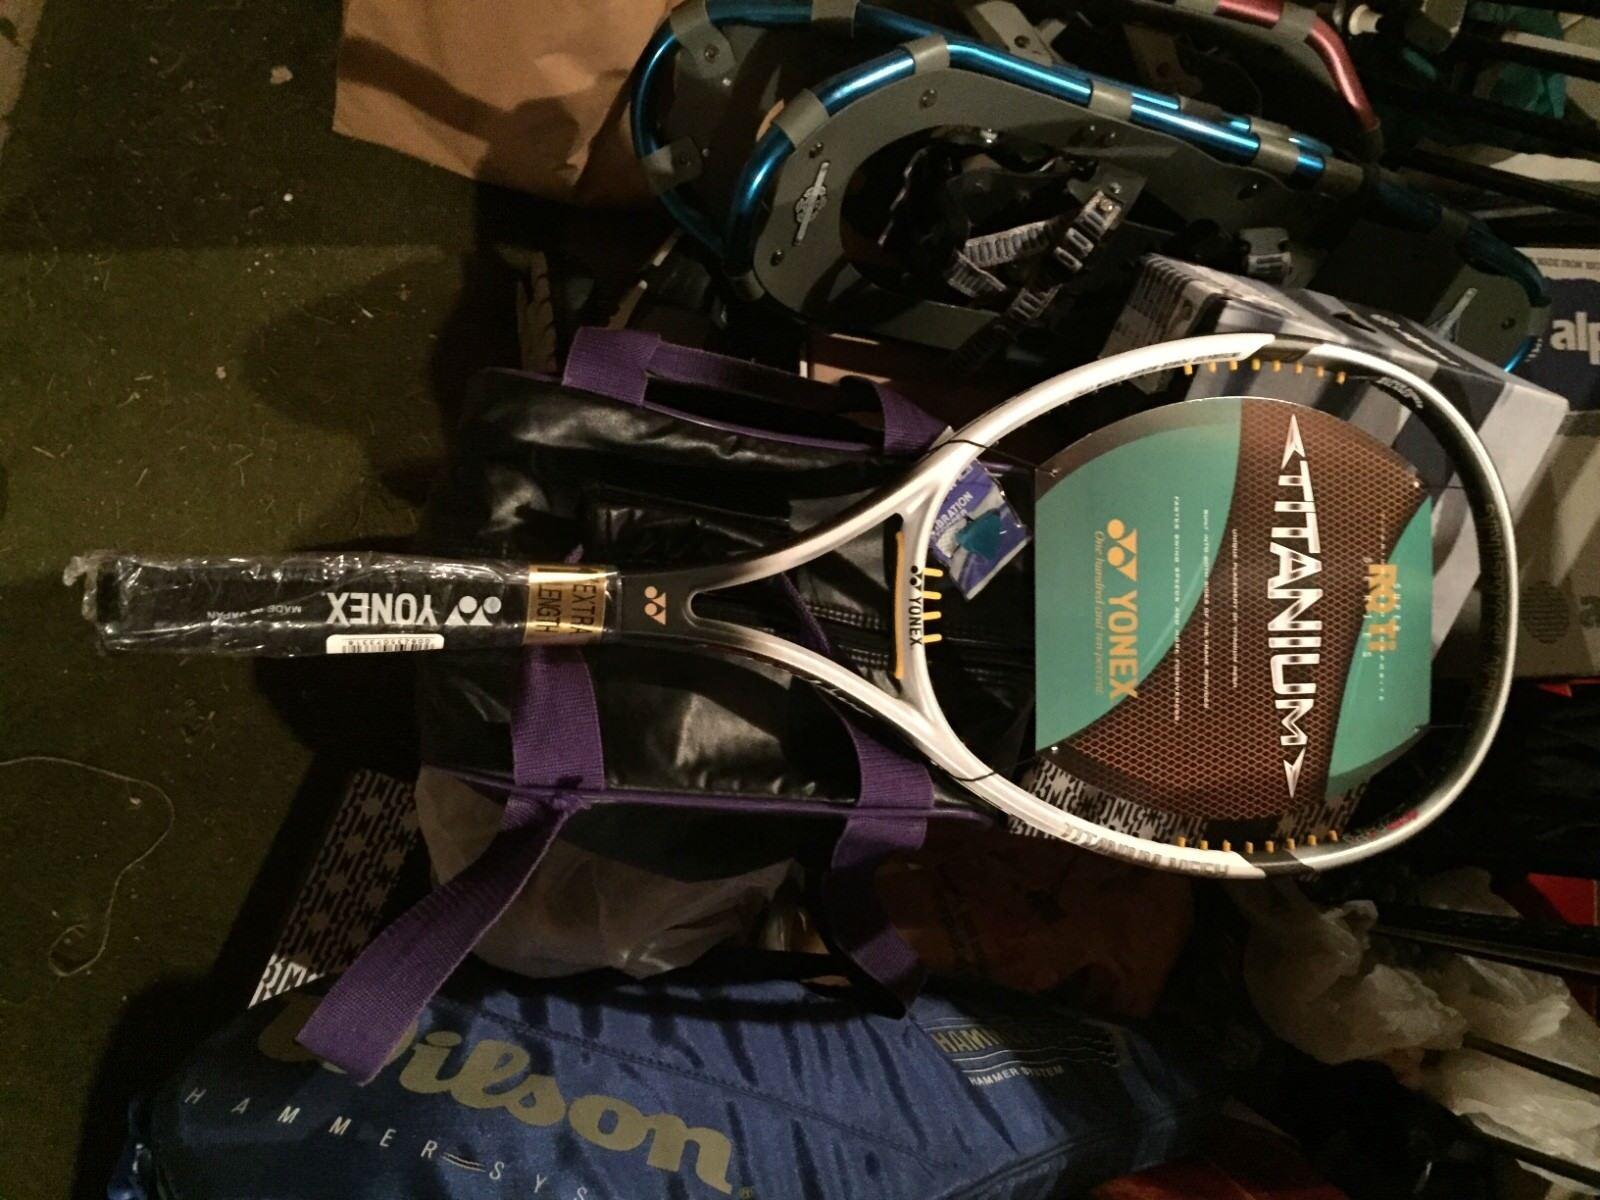 Yonex Srq TI600 de largo Raqueta De Tenis-blancoo y Negro-Con Cubierta-Nunca Usado